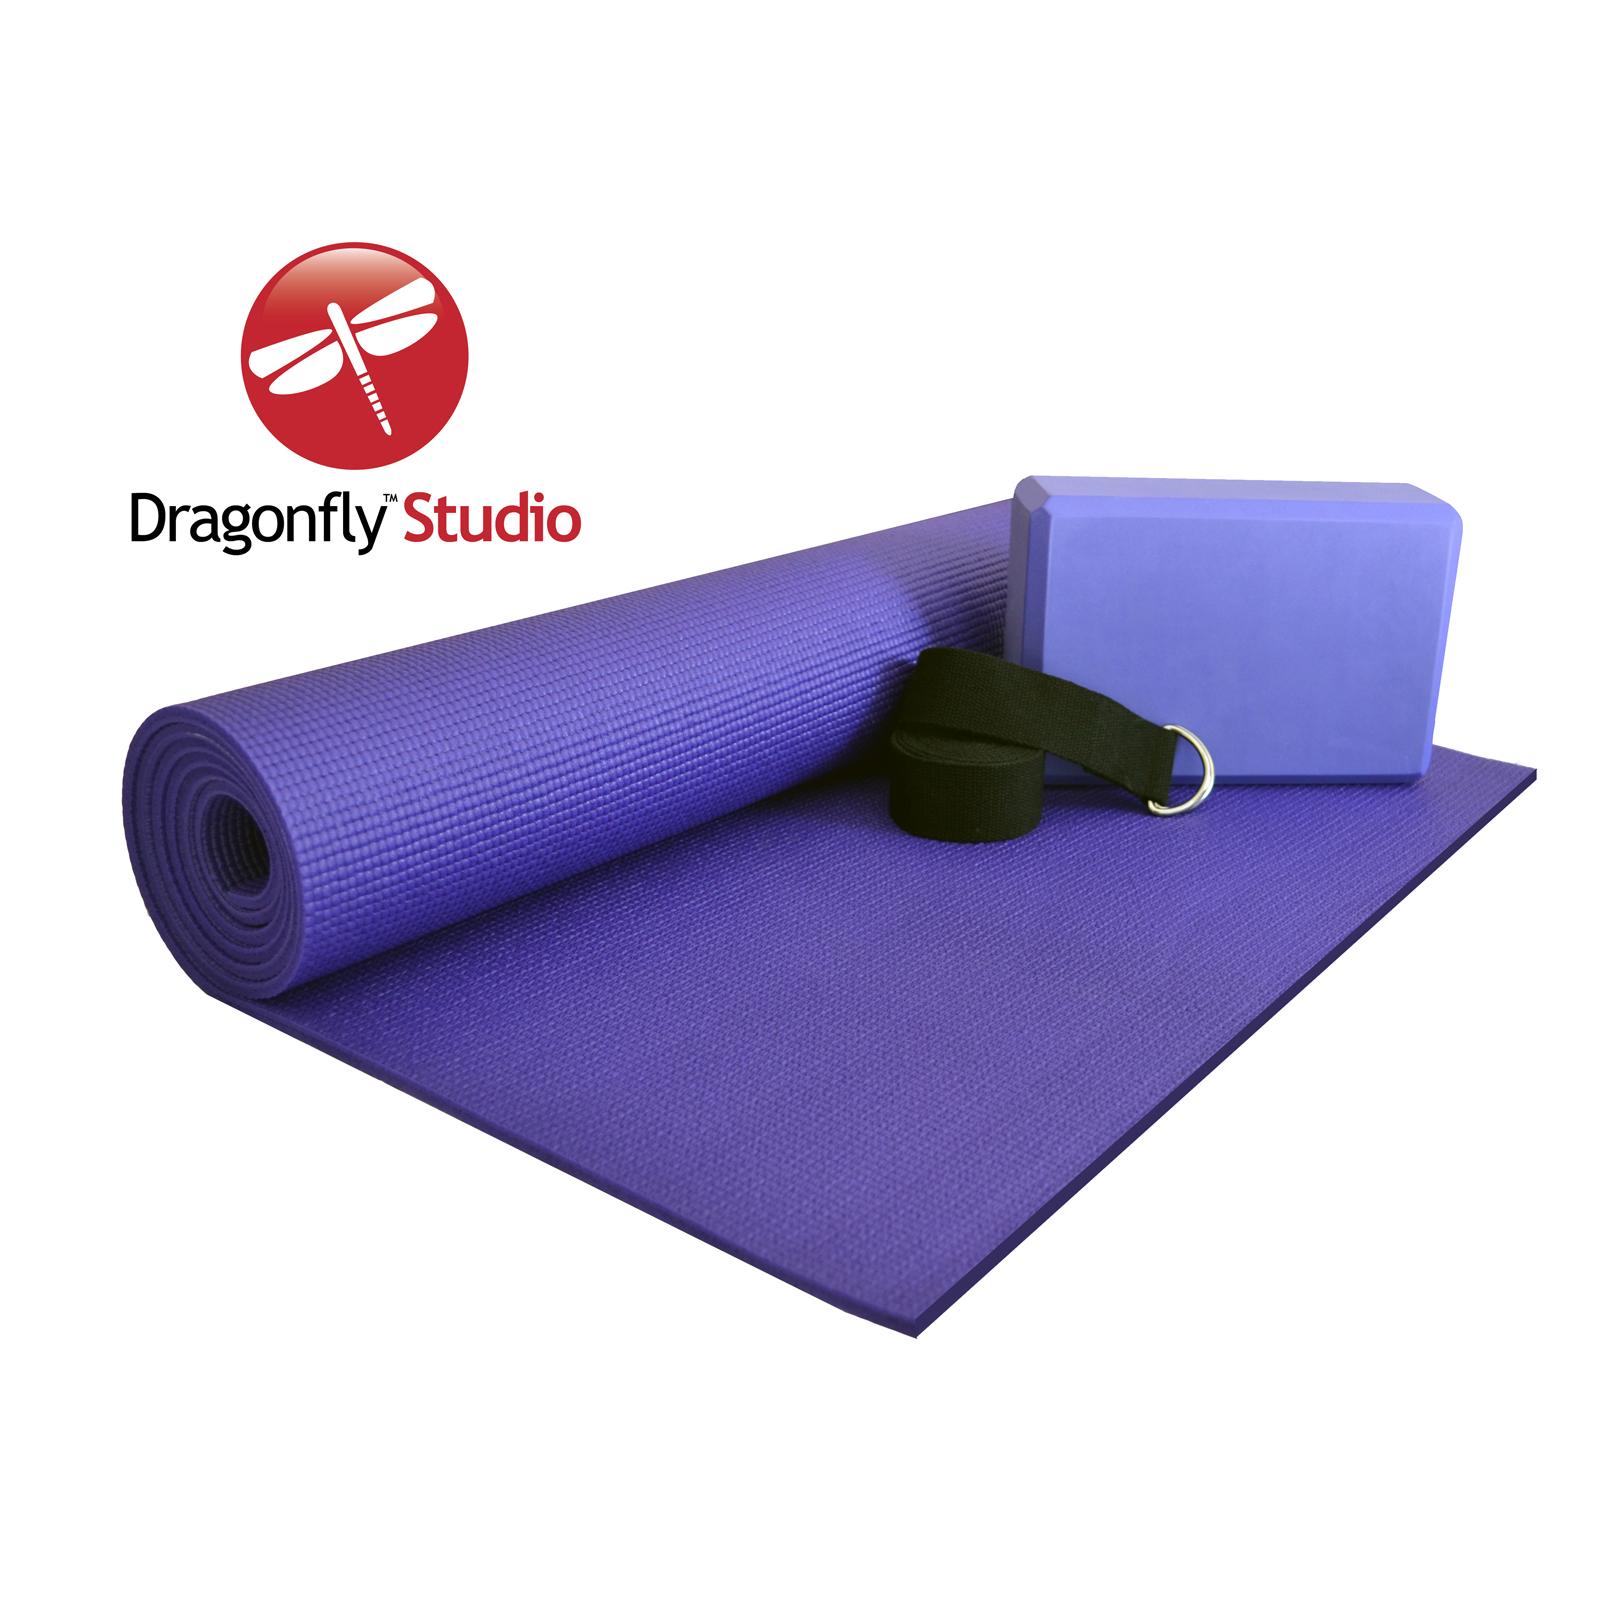 Dragonfly Studio Yoga Kit - 6mm mat  block and strap PartNumber: 00684611000P KsnValue: 00684611000 MfgPartNumber: Y141STDYOGKT